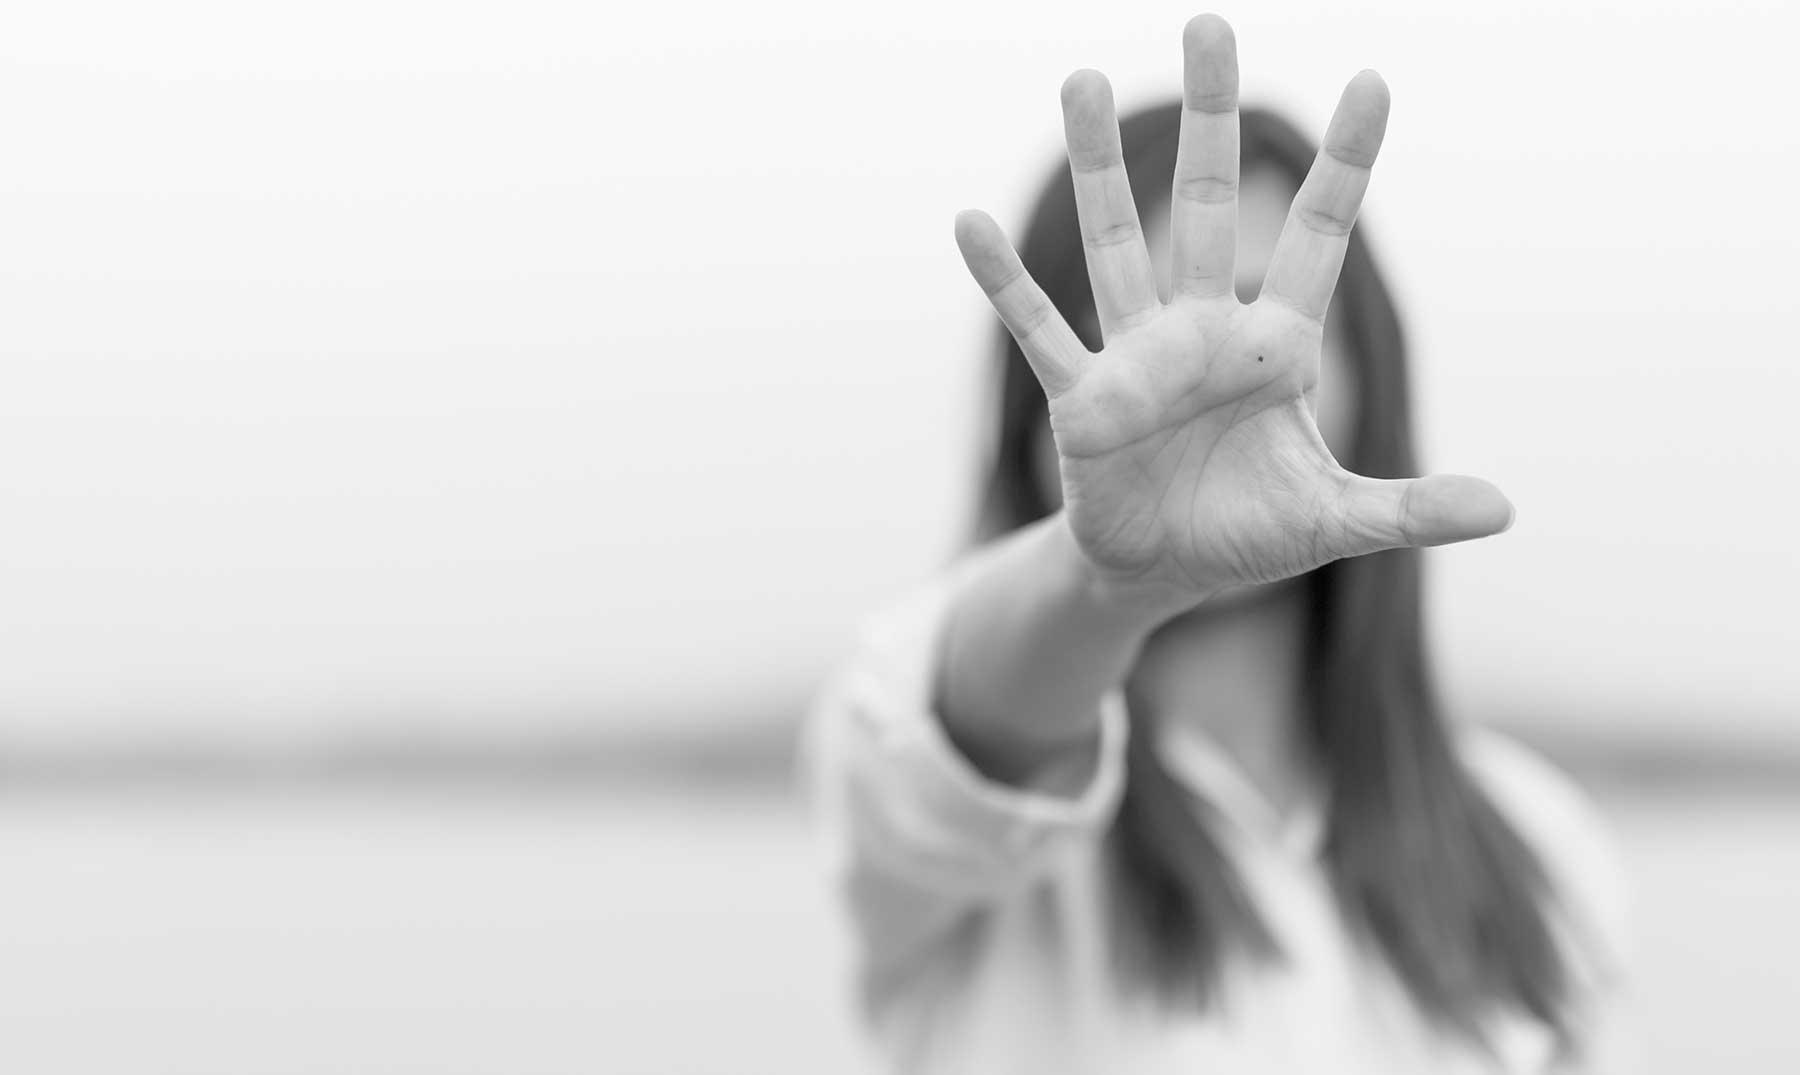 120 Frases De Desprecio Una Humillación Hiriente Con Imágenes